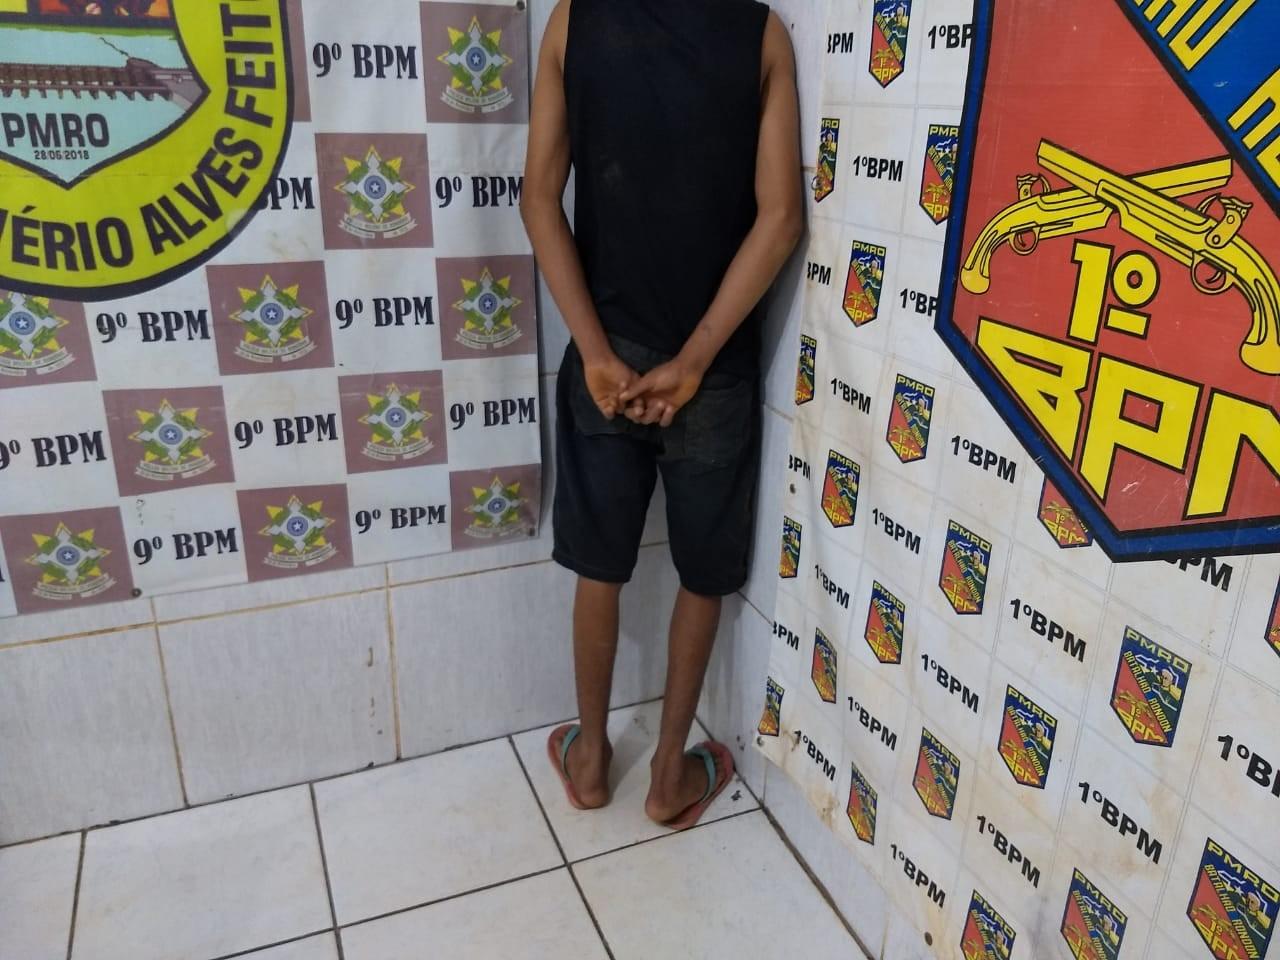 Adolescente é apreendido por roubo a 5 dias do aniversário de 18 anos, em RO - Notícias - Plantão Diário